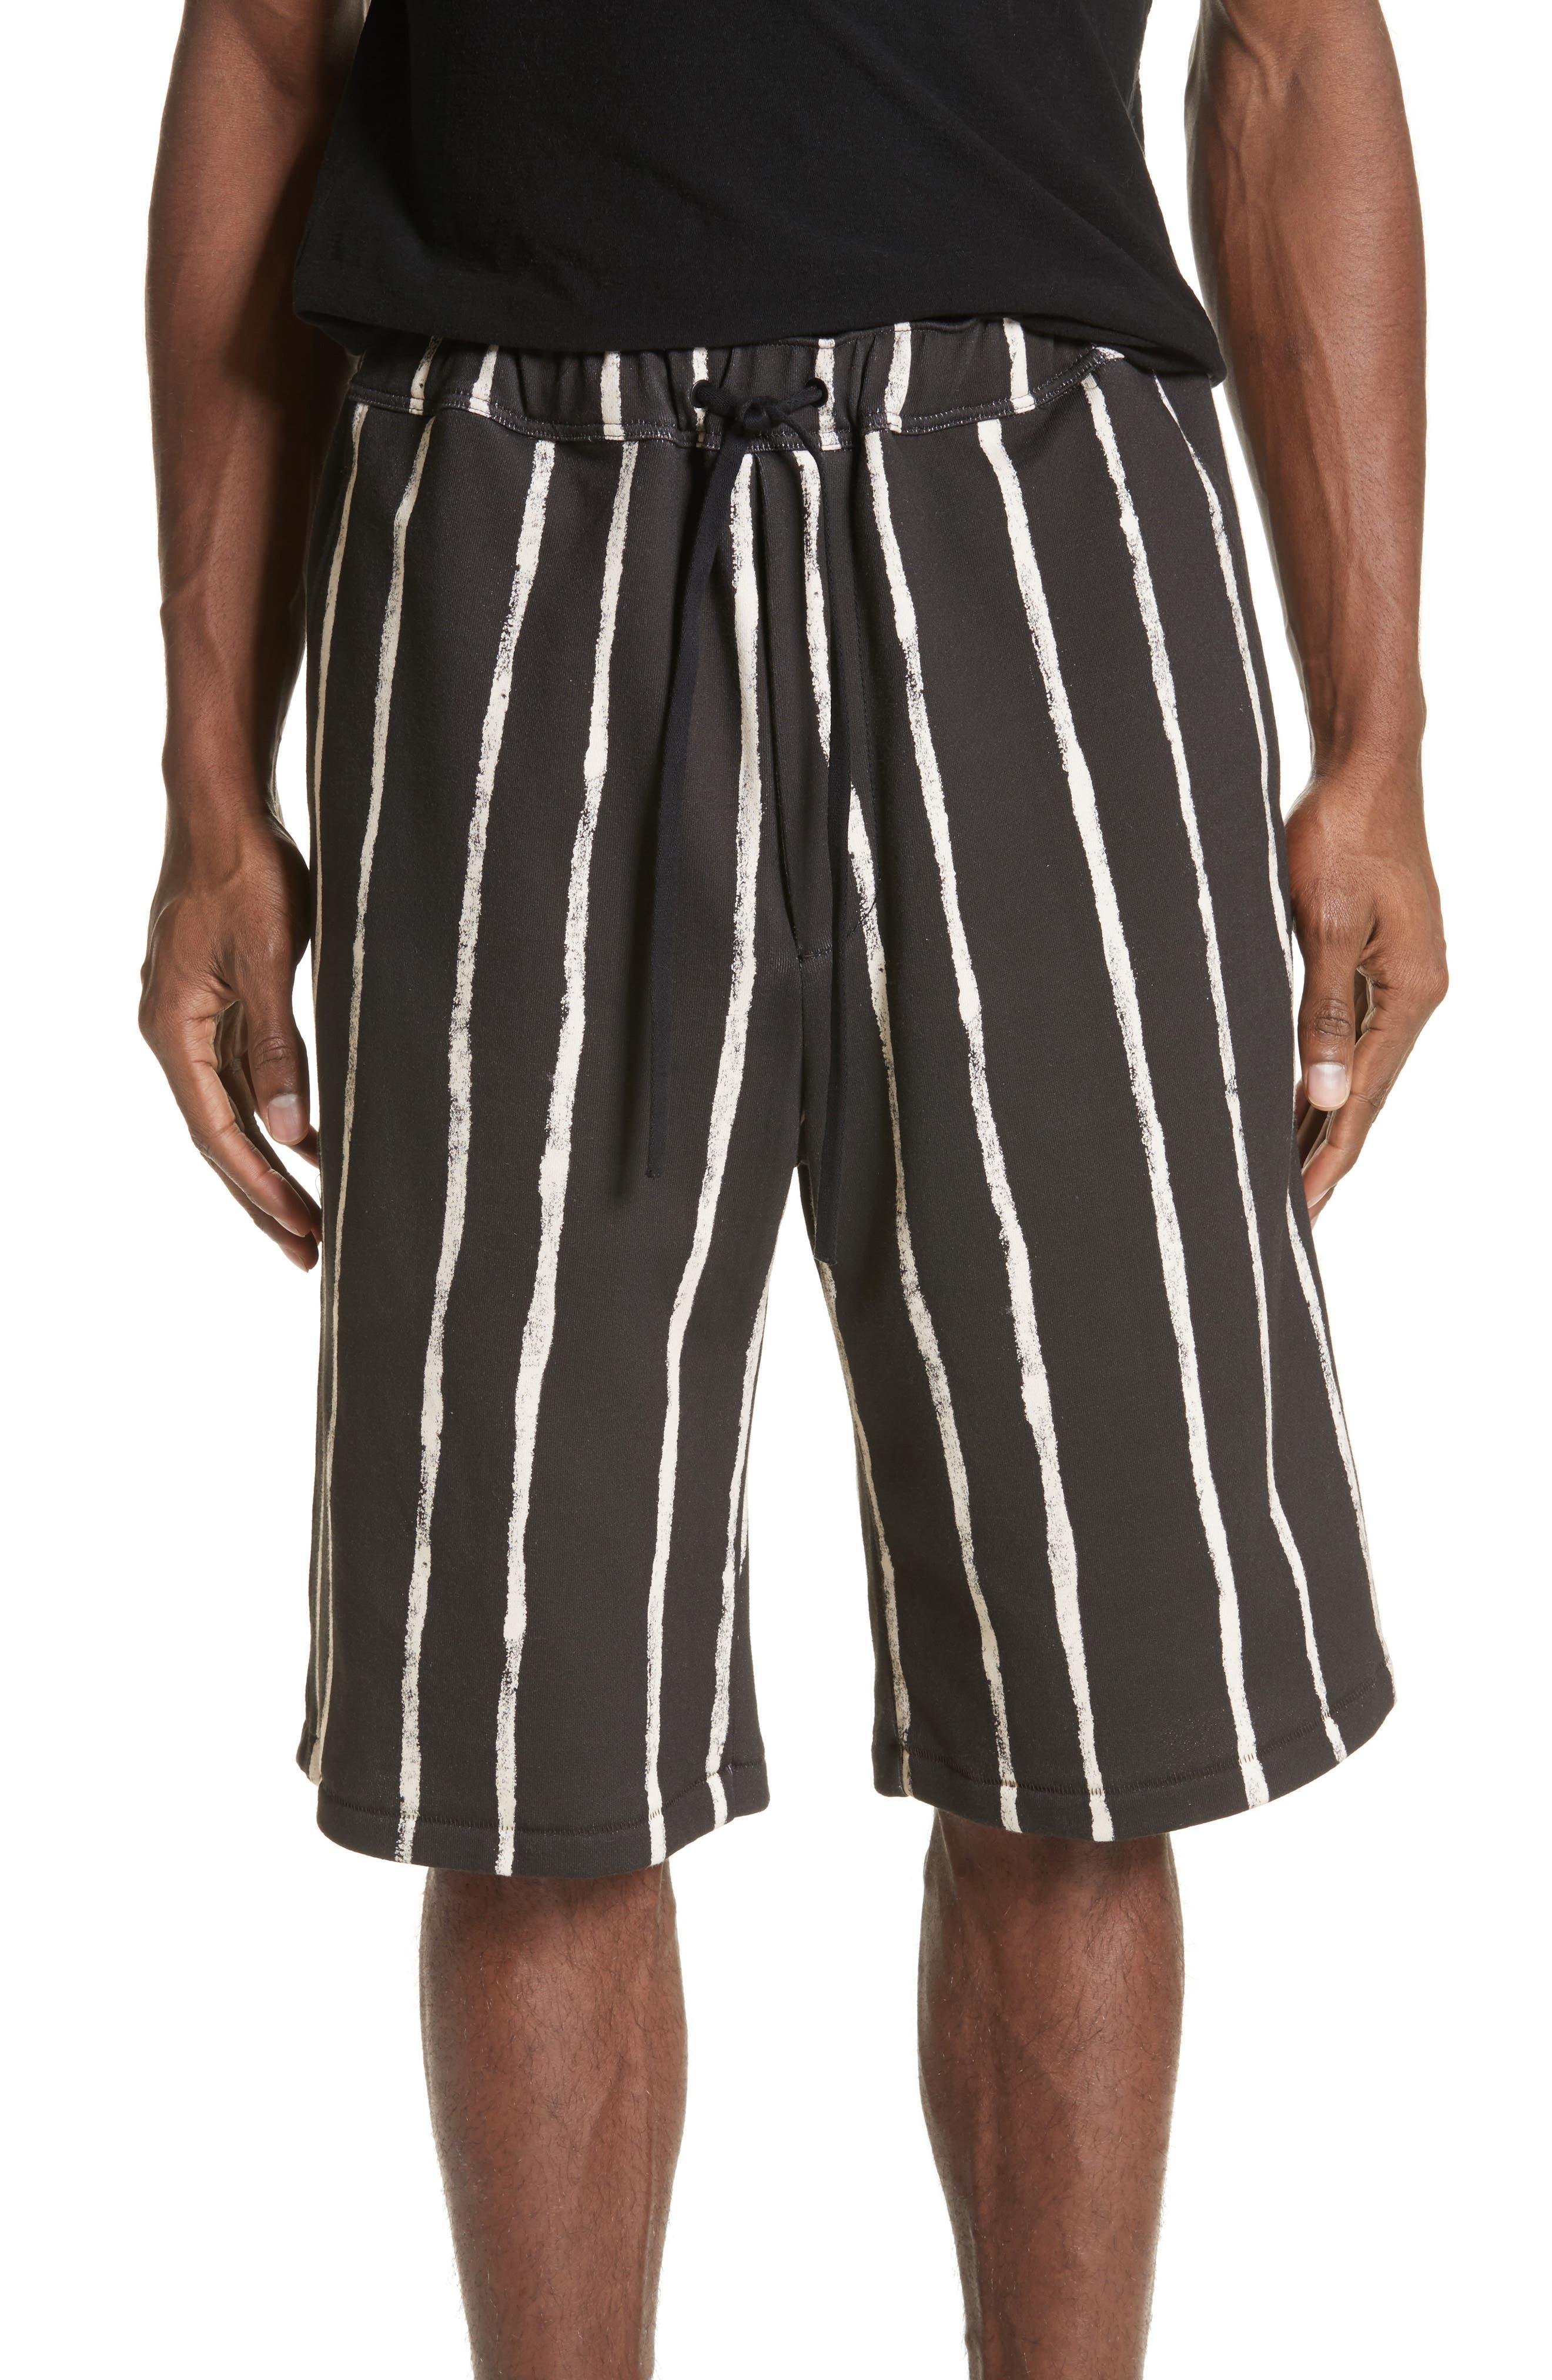 Striped Paint Shorts,                             Main thumbnail 1, color,                             Black/ White